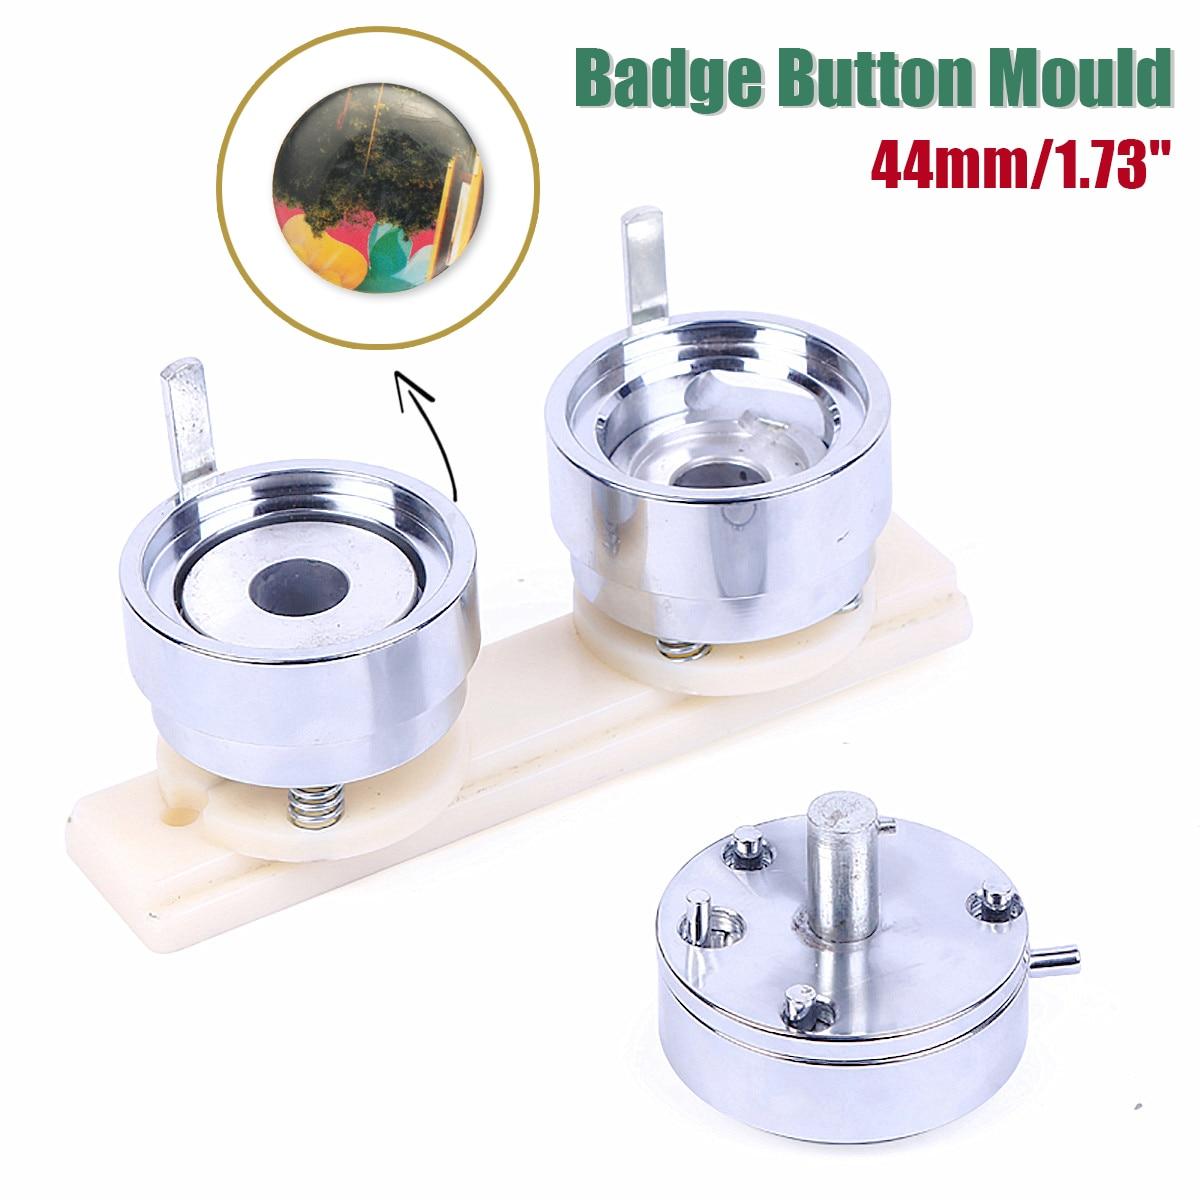 Round 44mm wymienne matrycy formy dla nowa odznaka maszyny przycisk ekspres do oba pasują do N3 i N4 przycisk maszyny w Foremki od Dom i ogród na  Grupa 1